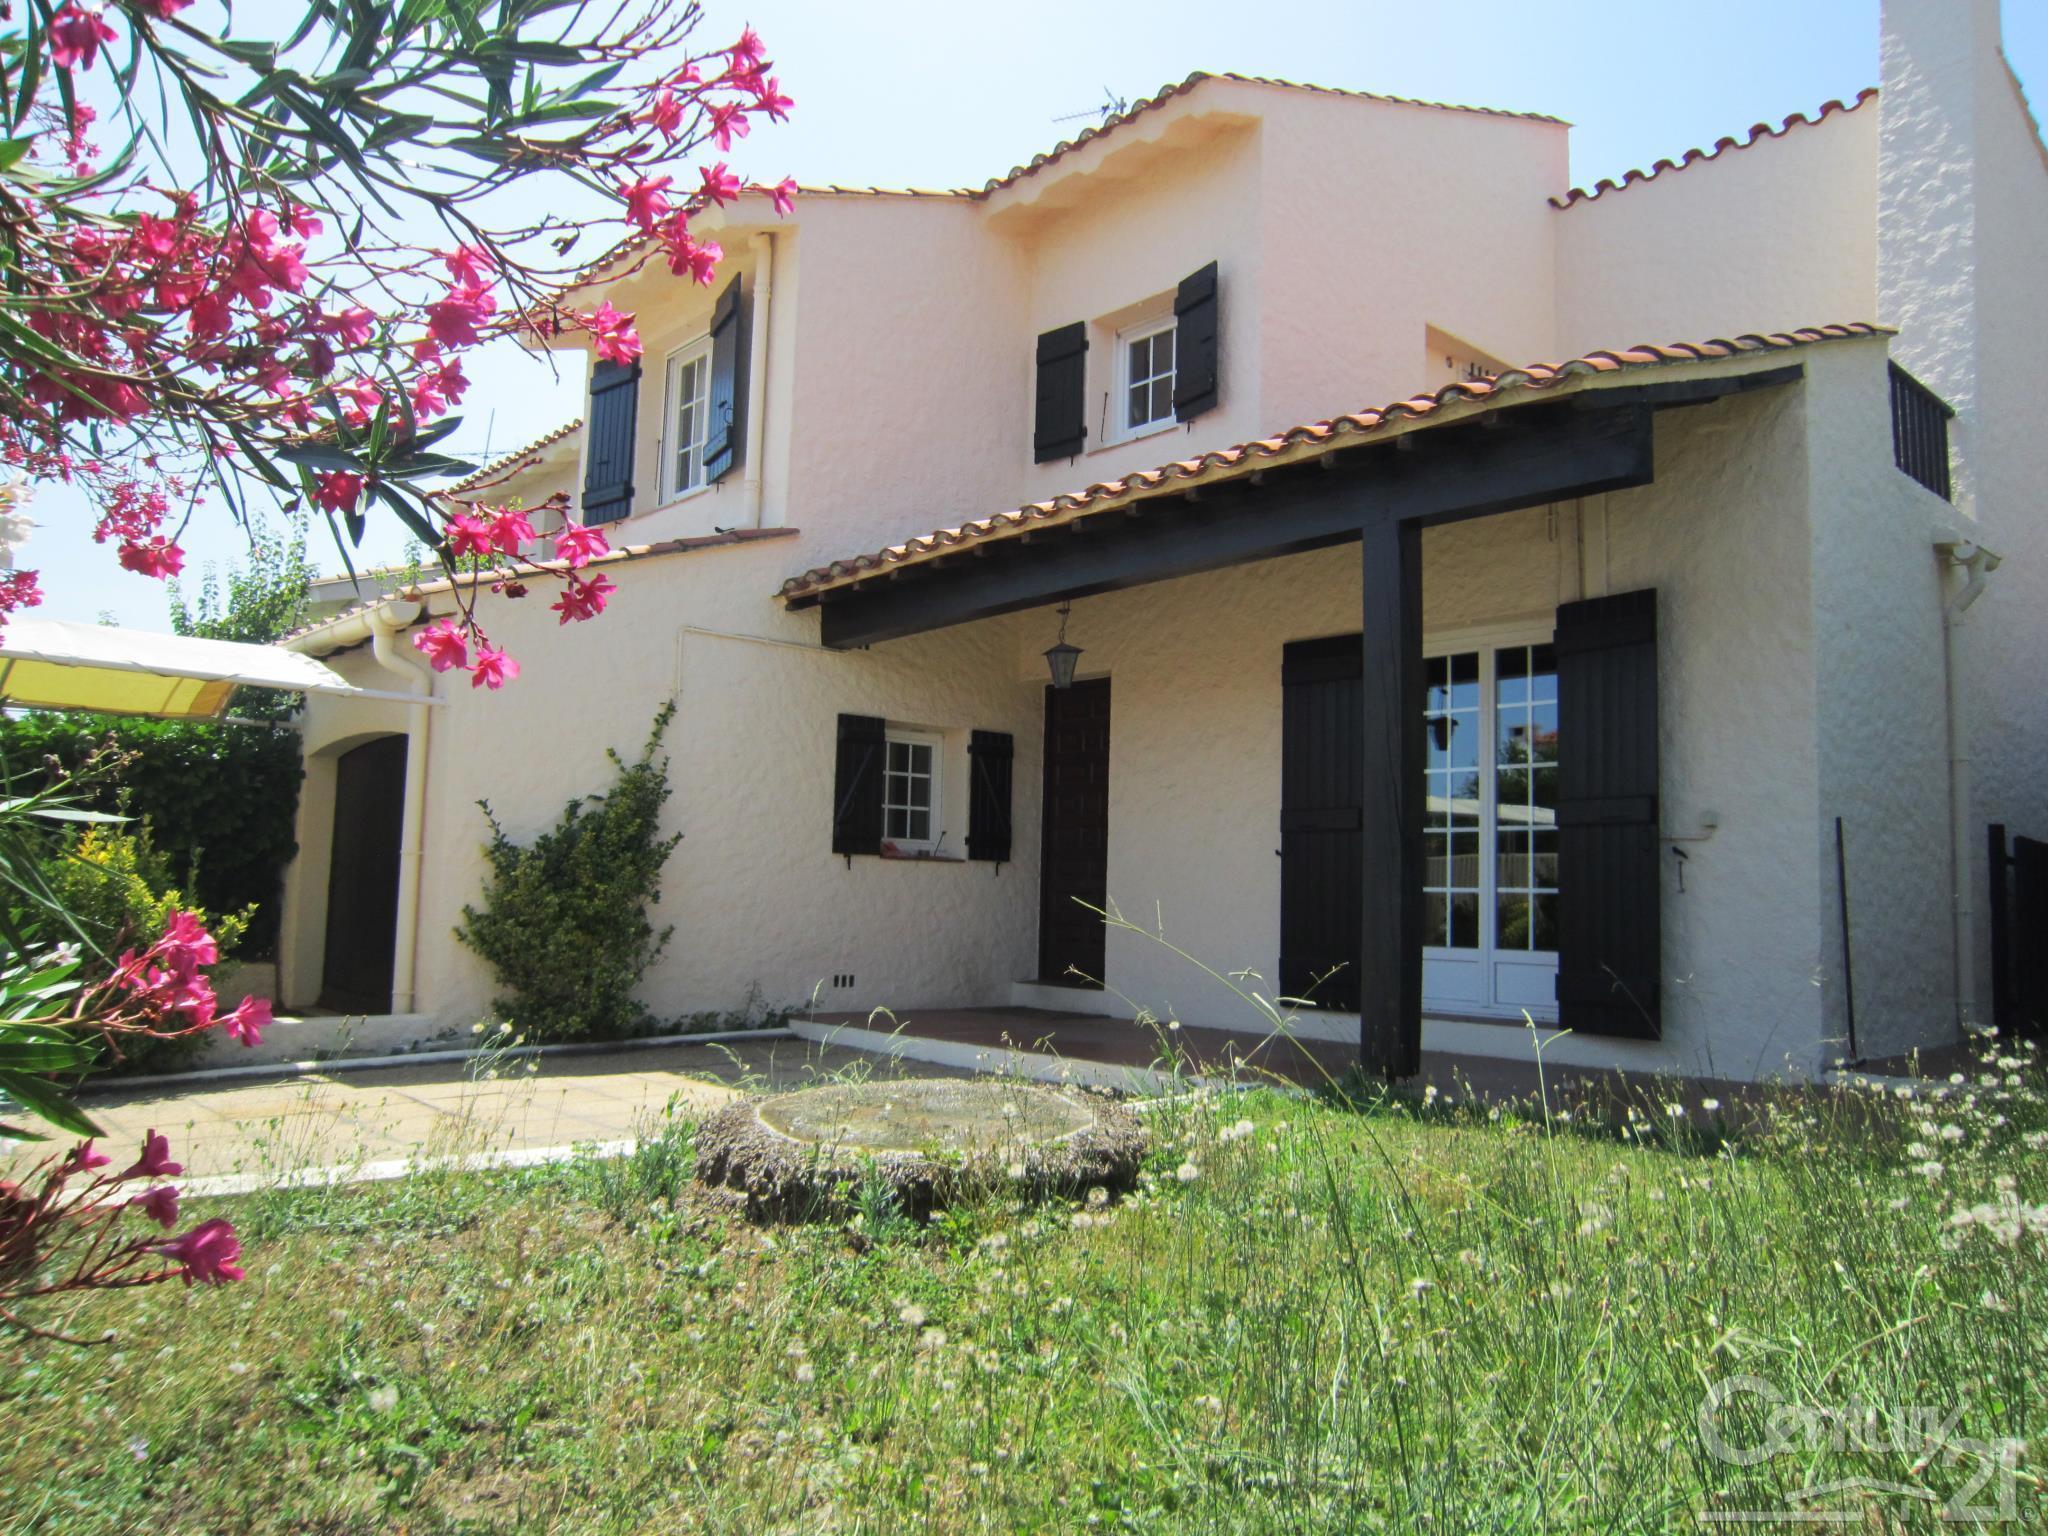 Annonce vente maison perpignan 66000 111 m 221 000 992738313653 - Debarras maison perpignan ...